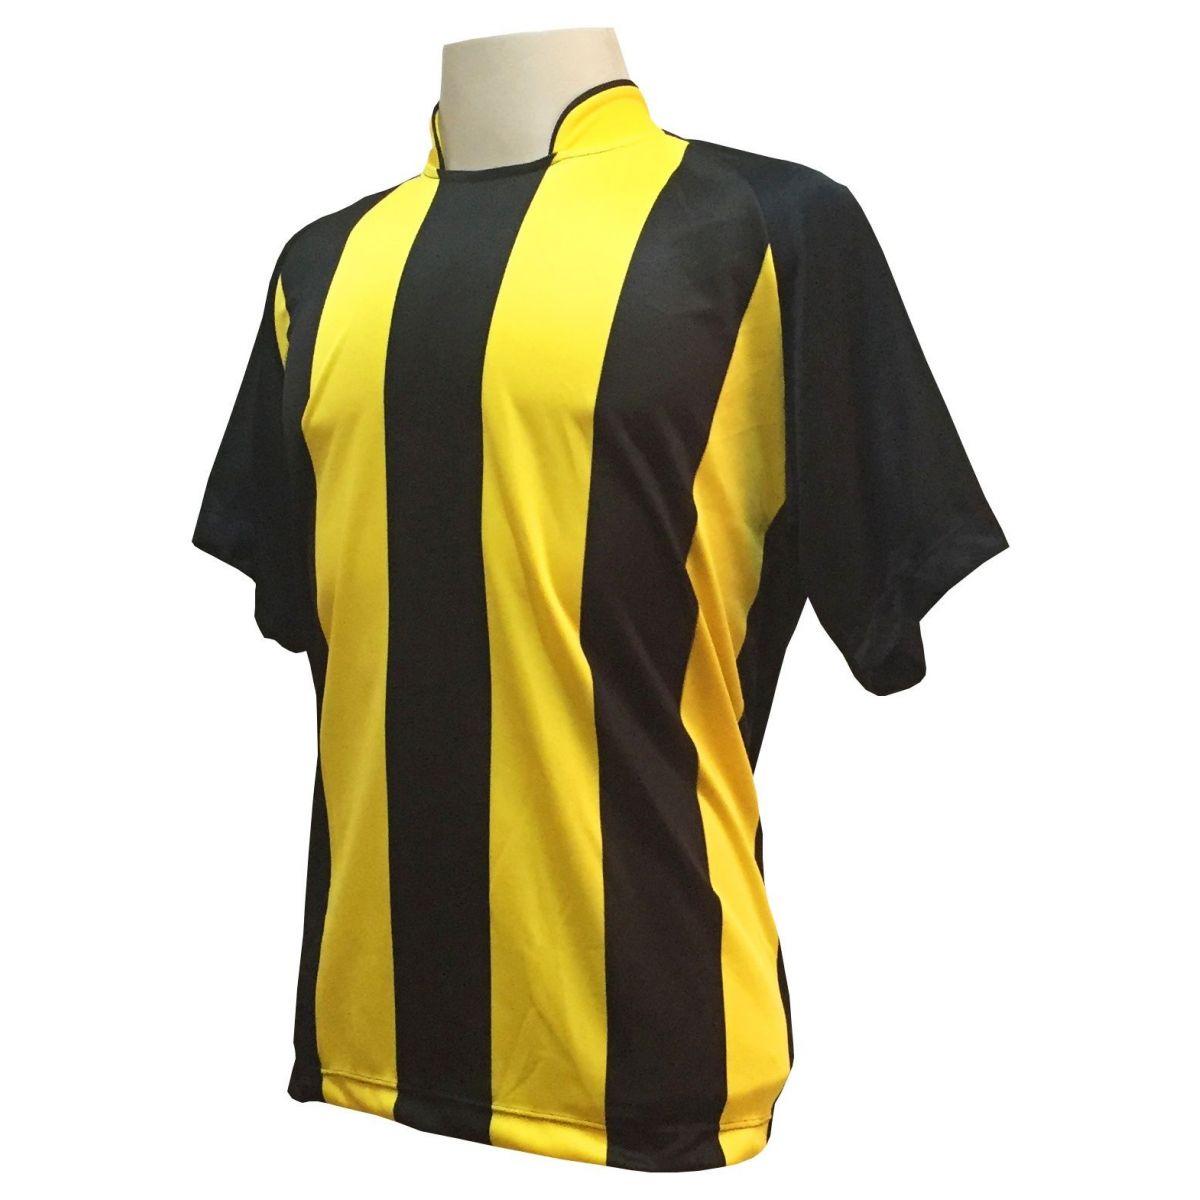 Uniforme Esportivo com 12 Camisas modelo Milan Preto/Amarelo + 12 Calções modelo Madrid Preto + 12 Pares de meiões Amarelo